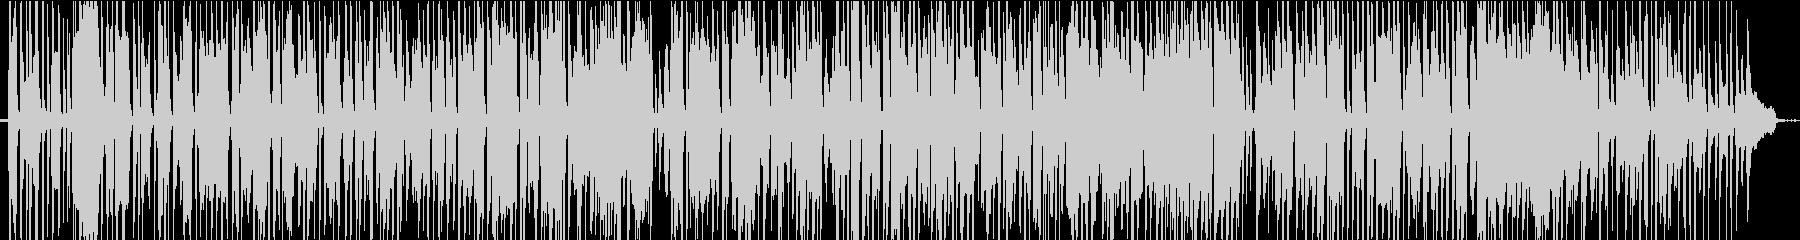 ピアノソロのジャズ風BGMの未再生の波形